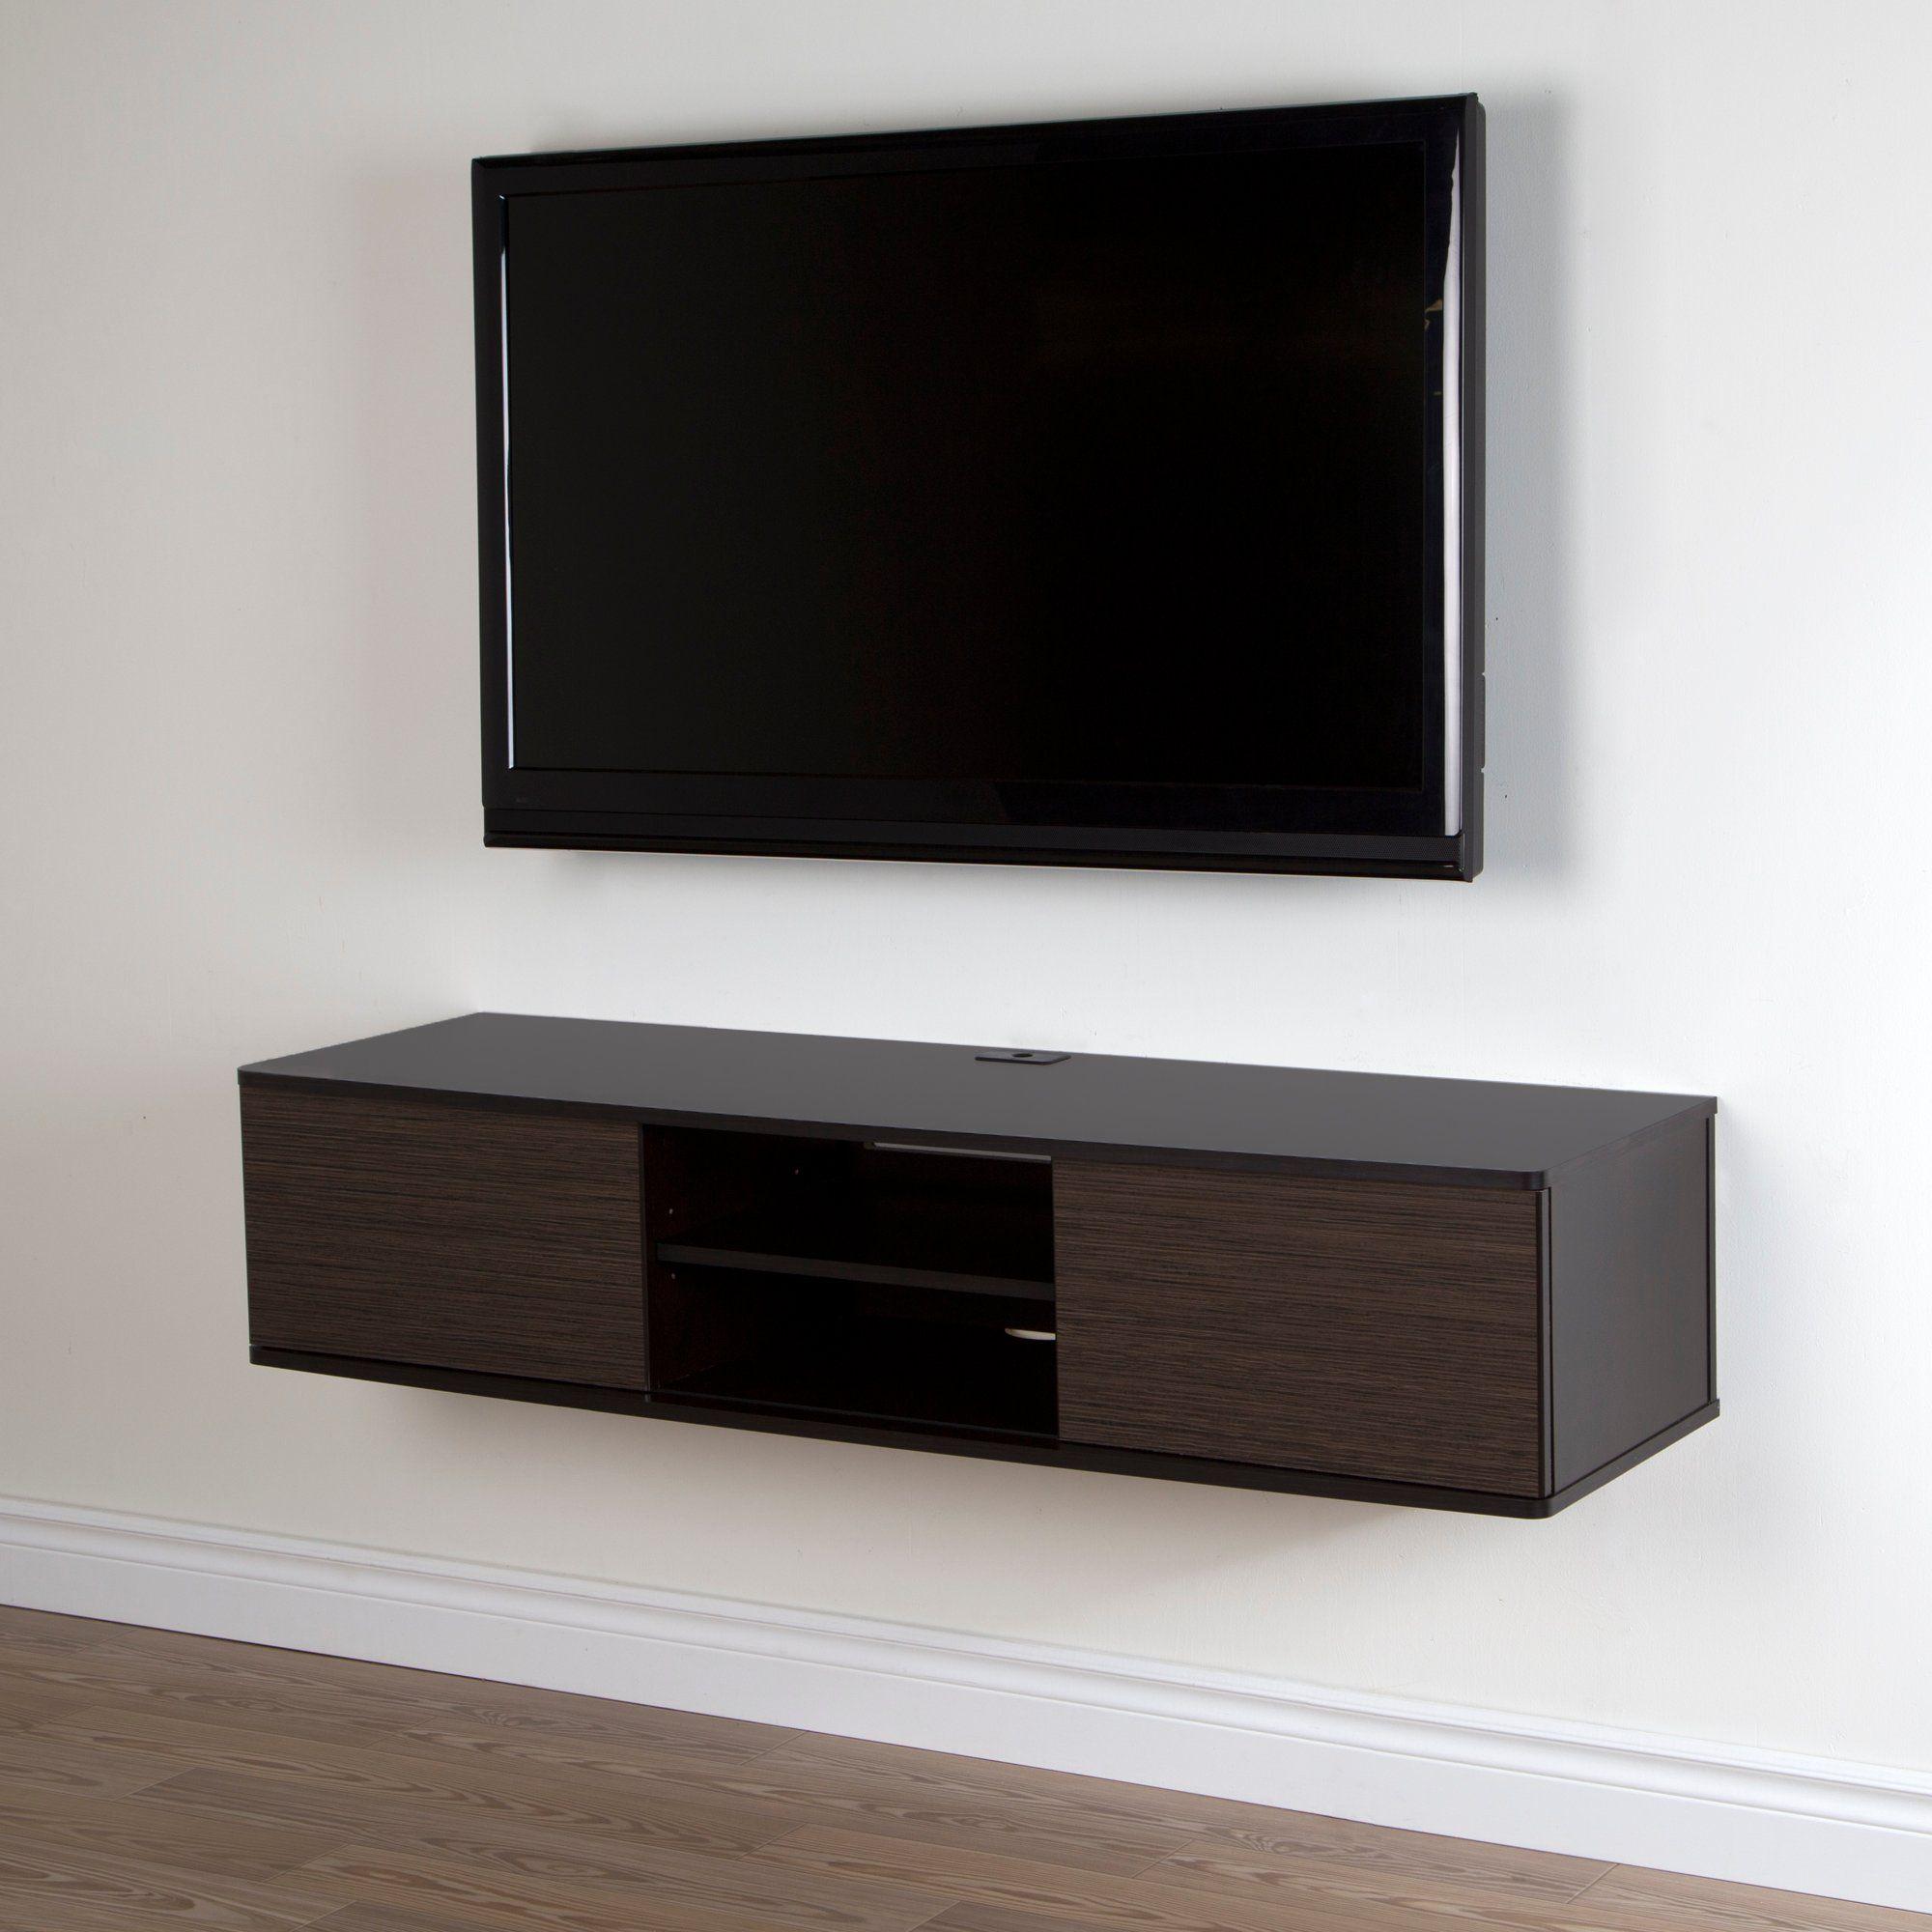 Chocolate Zebrano Media Console 56 Inch Agora Wall Mounted Tv Wall Tv Stand Wall Mounted Media Console